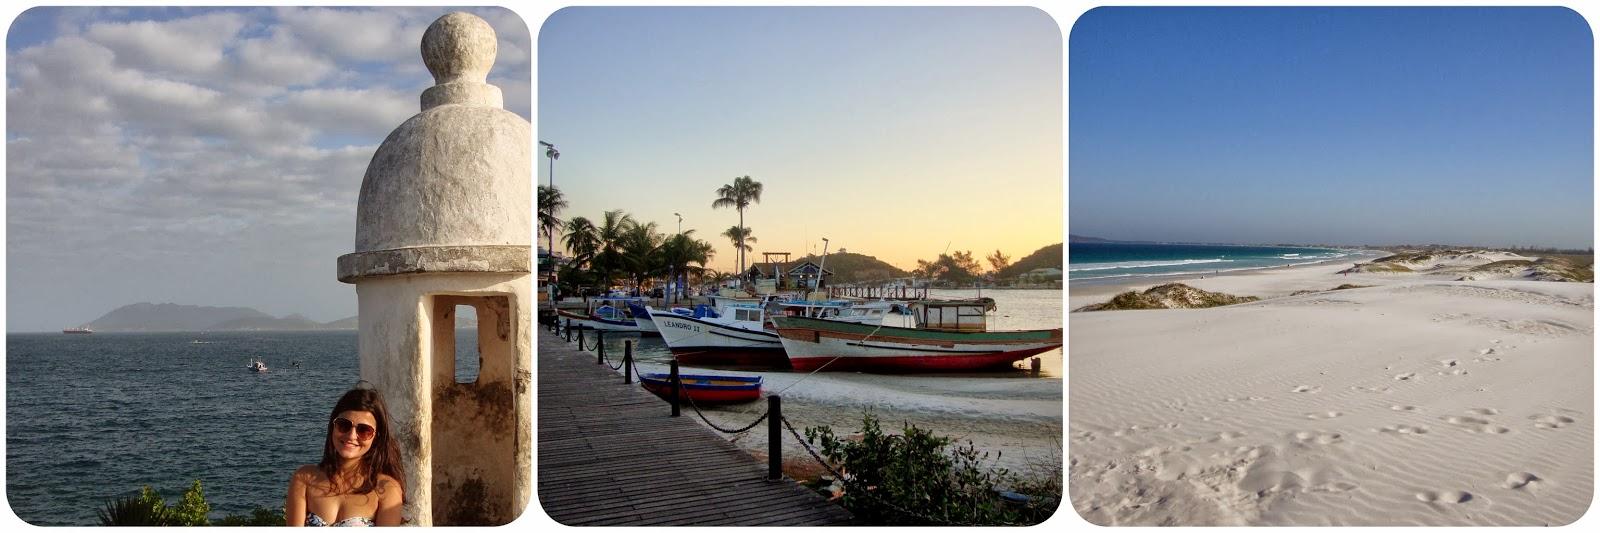 Região dos Lagos / Rio de Janeiro / Cabo Frio / Praia do Forte / Boulevard Canal / Dunas de Cabo Frio